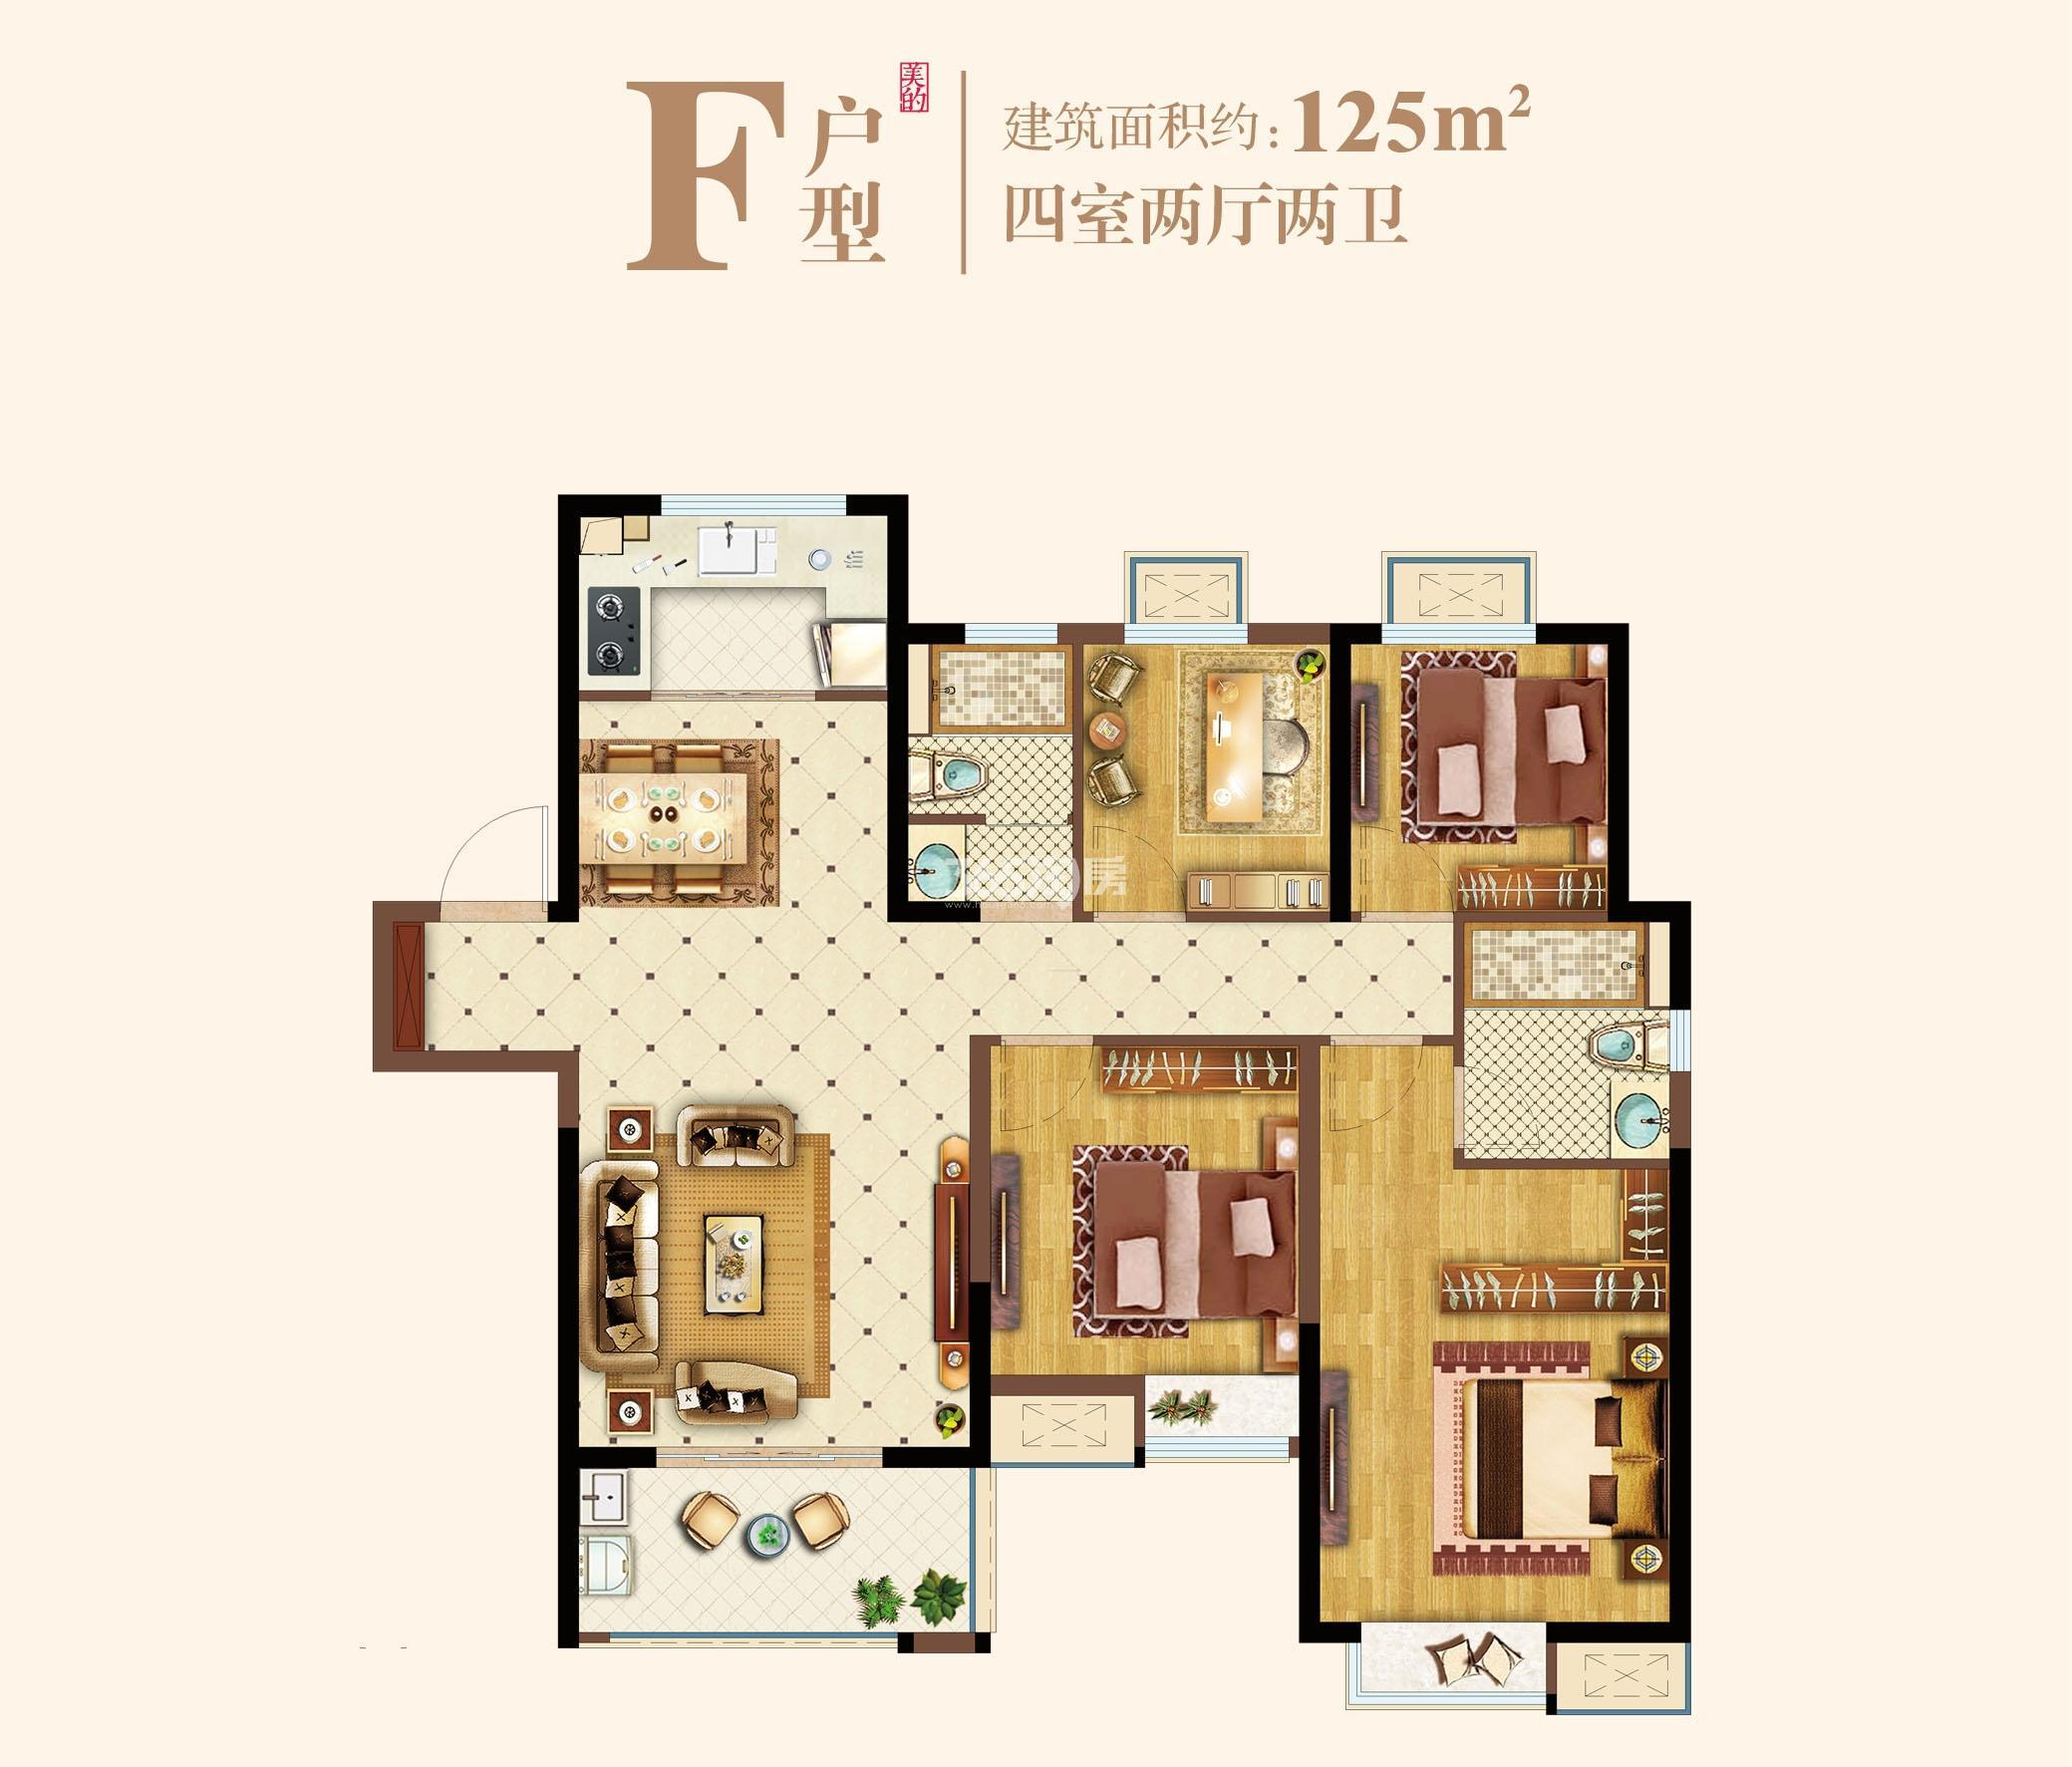 高层F户型125㎡四室两厅两卫